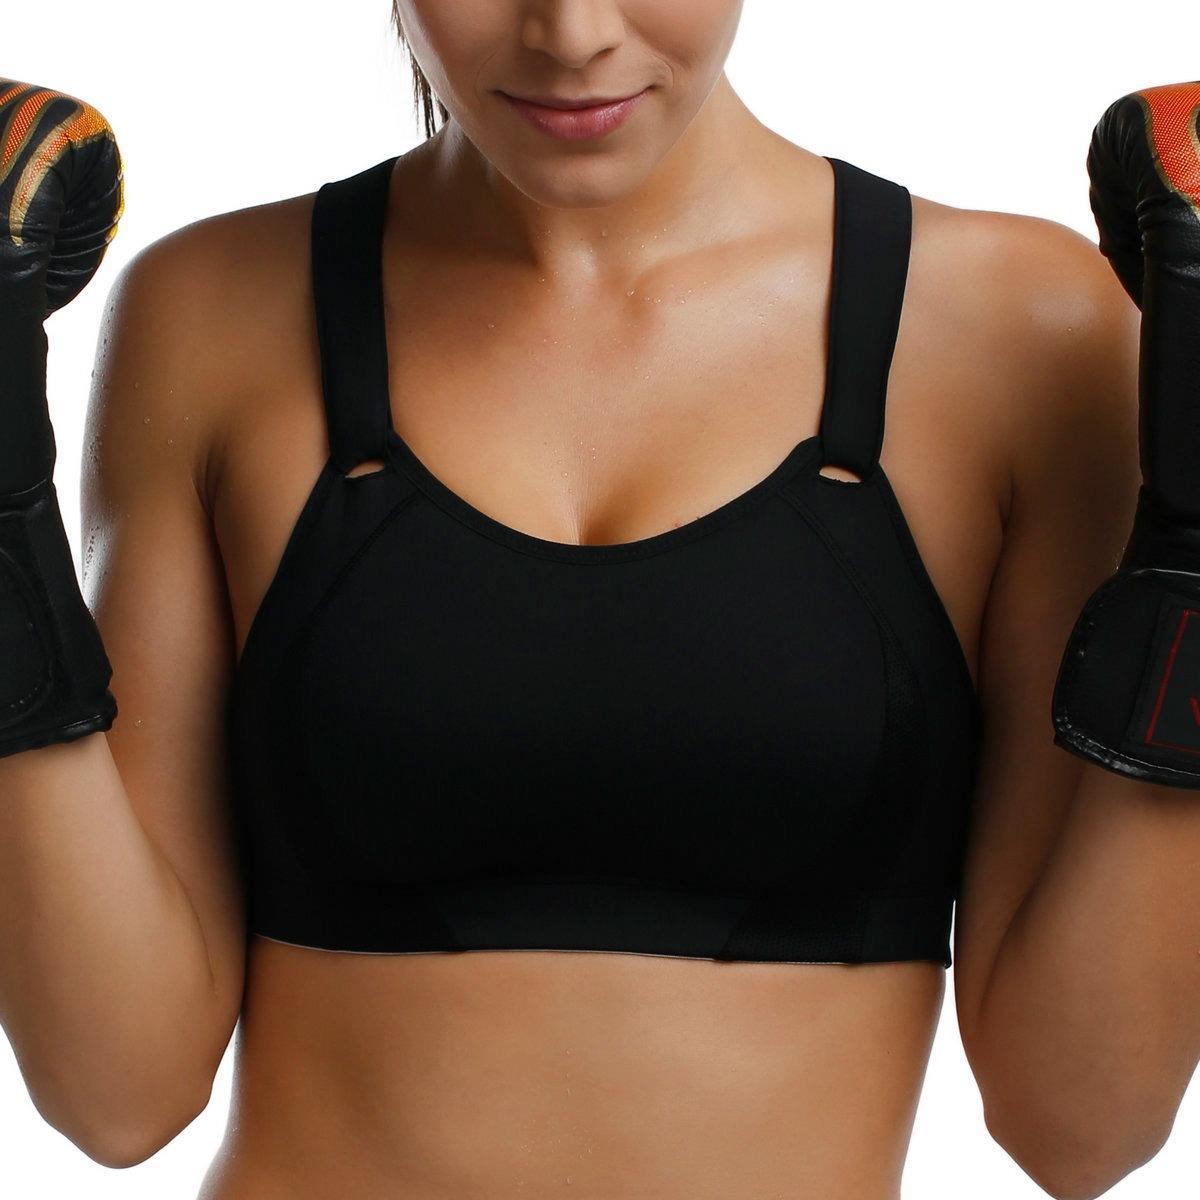 Đời sống - Khi tập thể dục, phụ nữ có nên mặc áo ngực không?